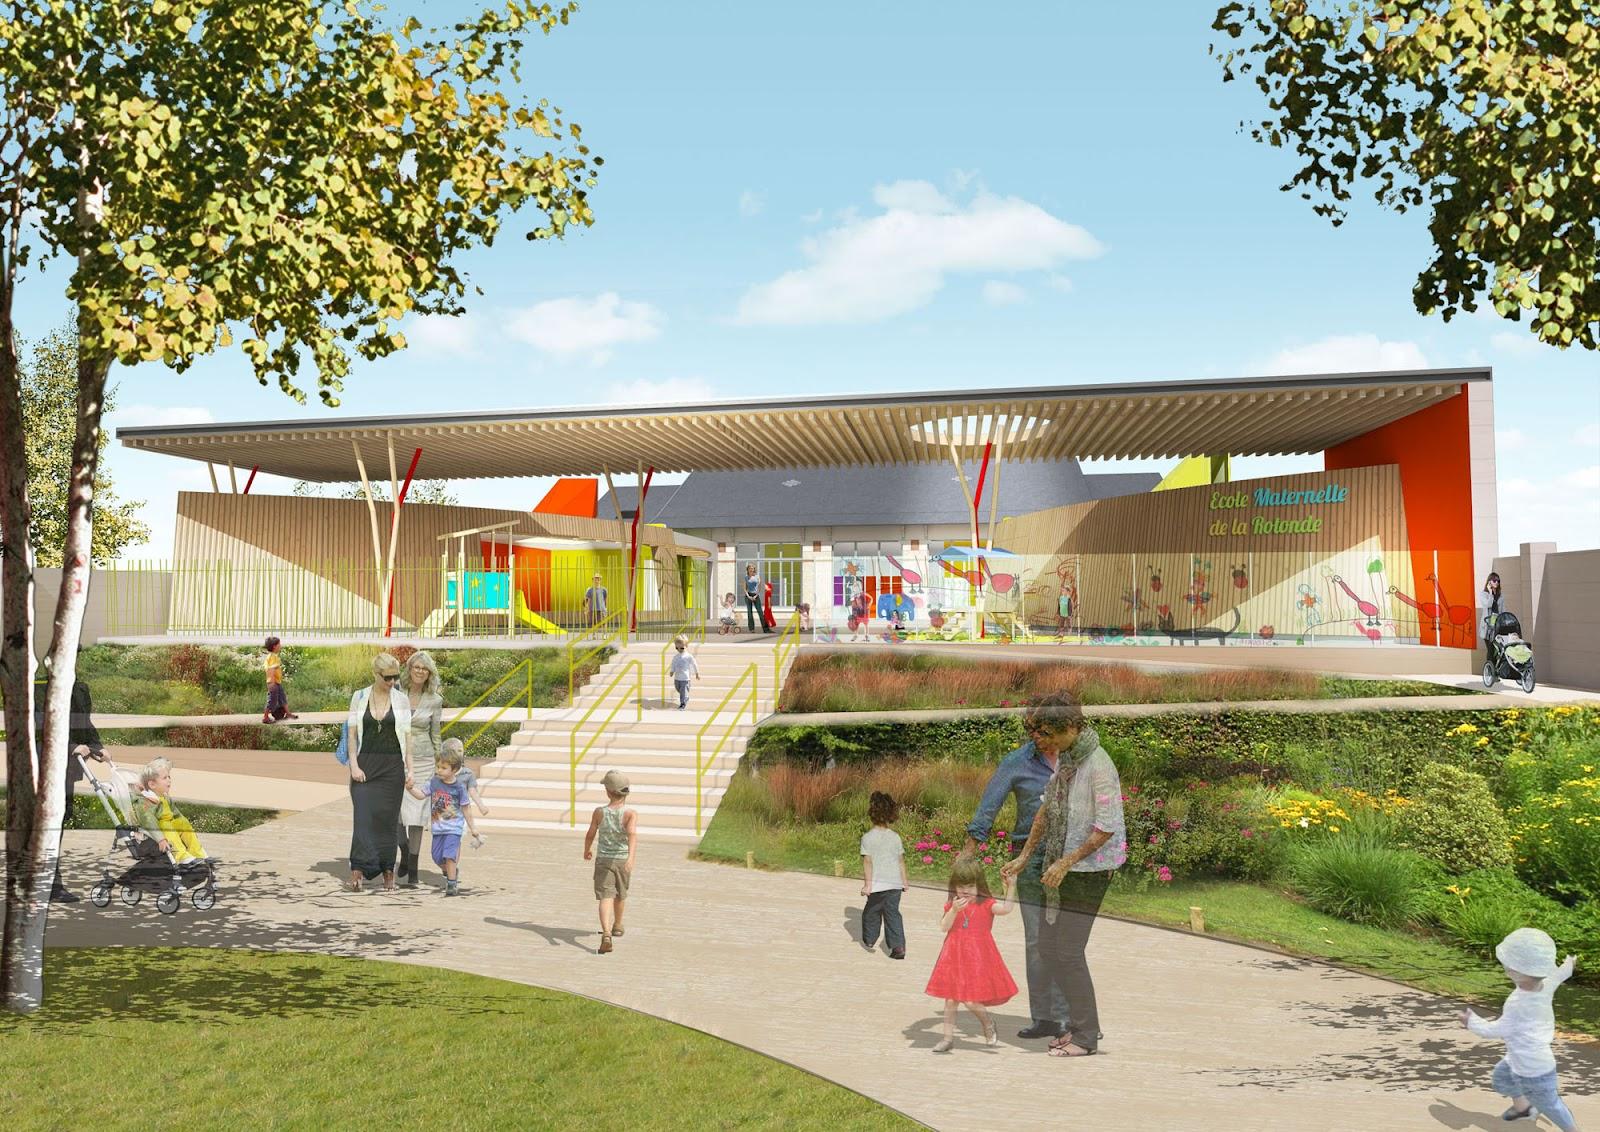 Concours ecole maternelle de la rotonde abw warnant for Architecture concours